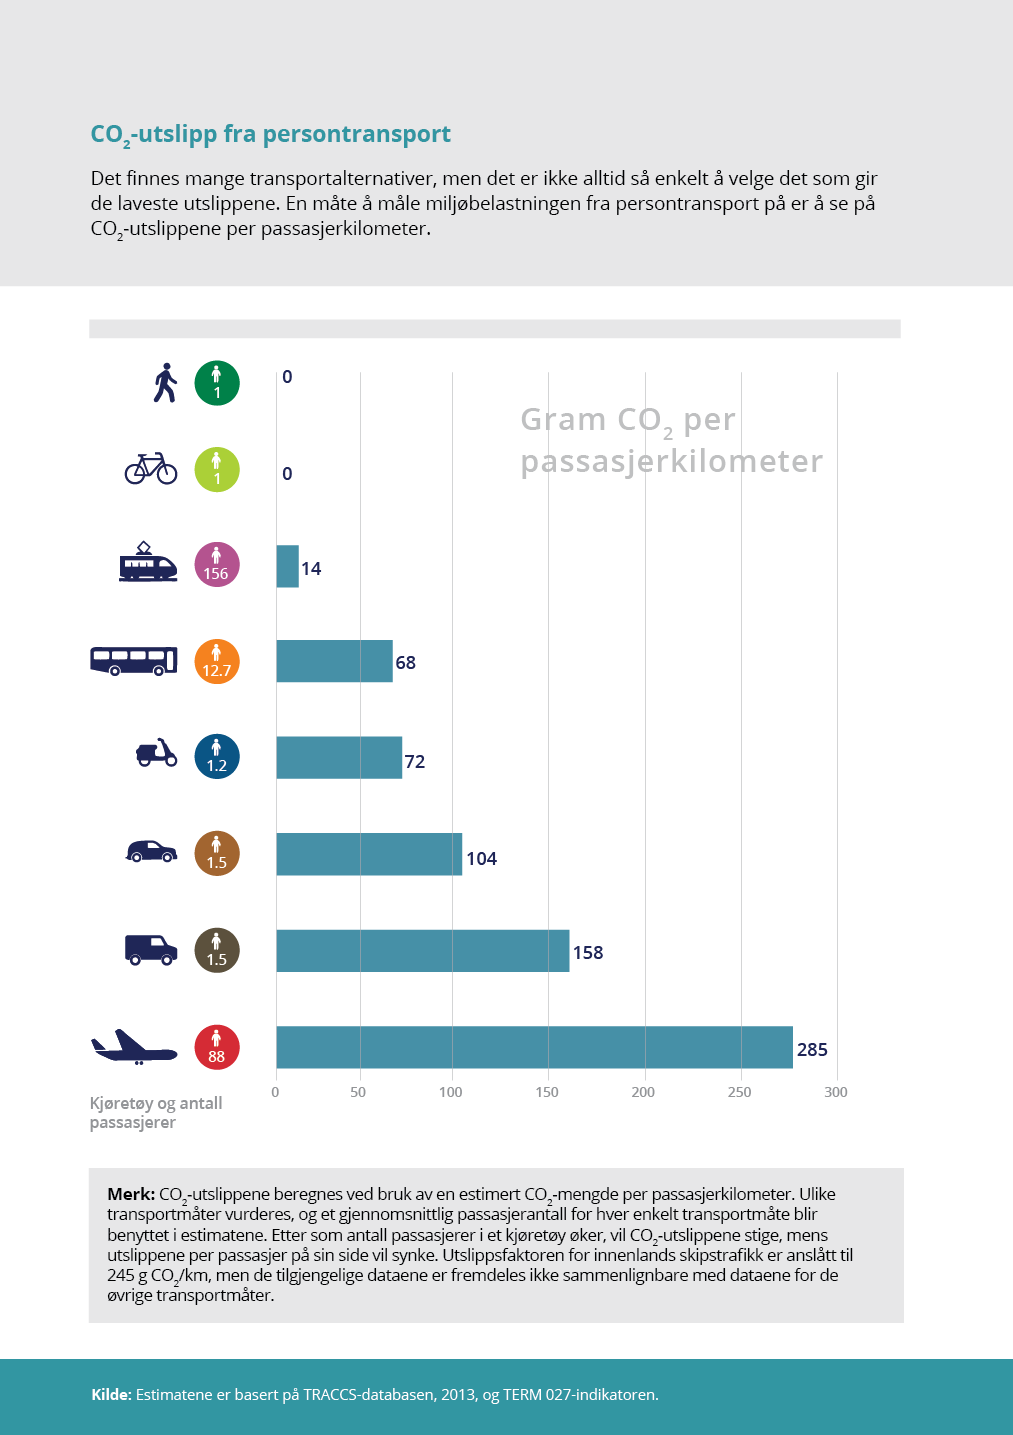 CO2-utslipp fra persontransport